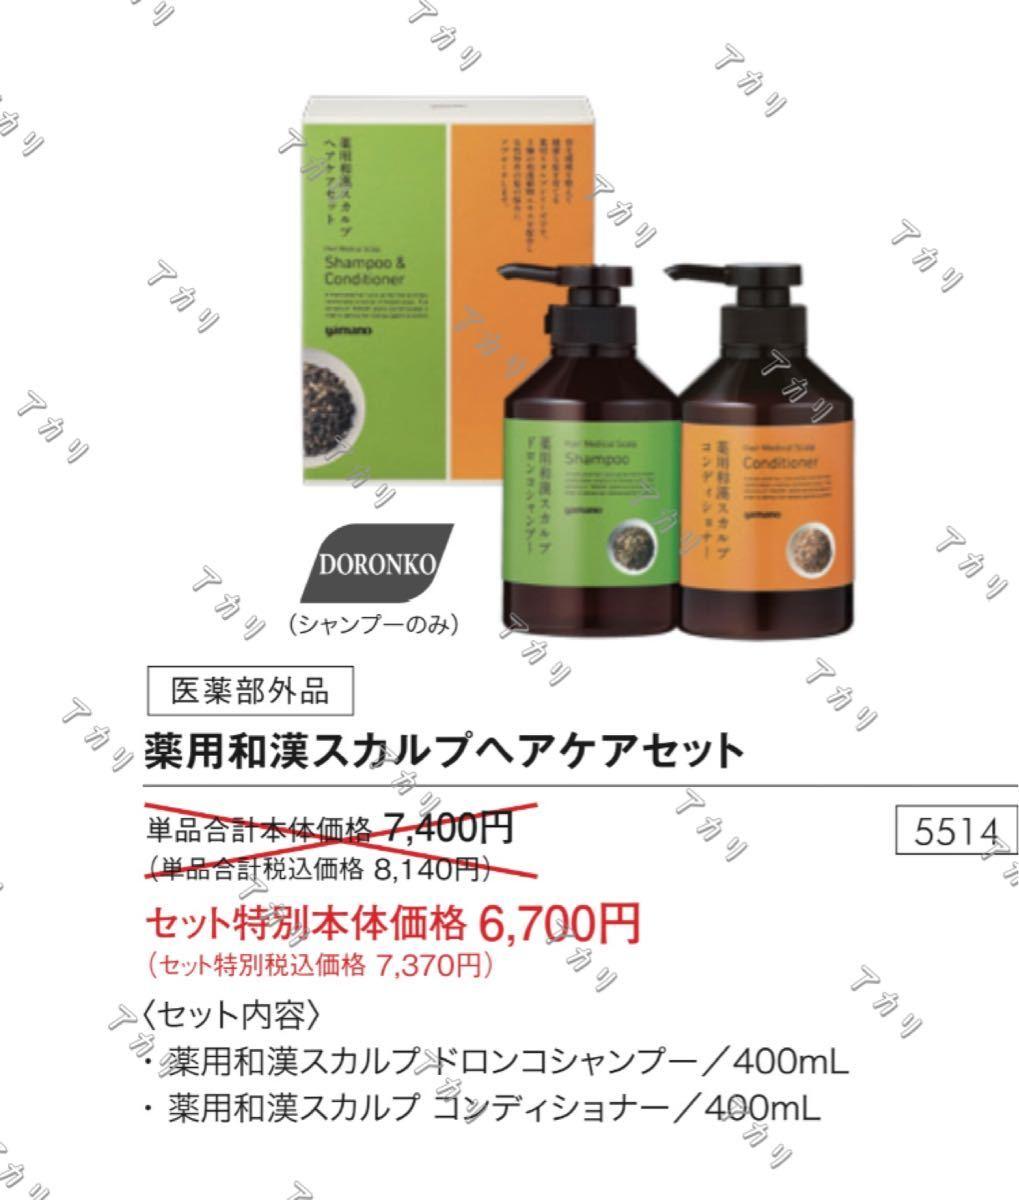 山野愛子yamanoヤマノ肌薬用和漢スカルプヘアケアセット(シャンプーコンディショナー)